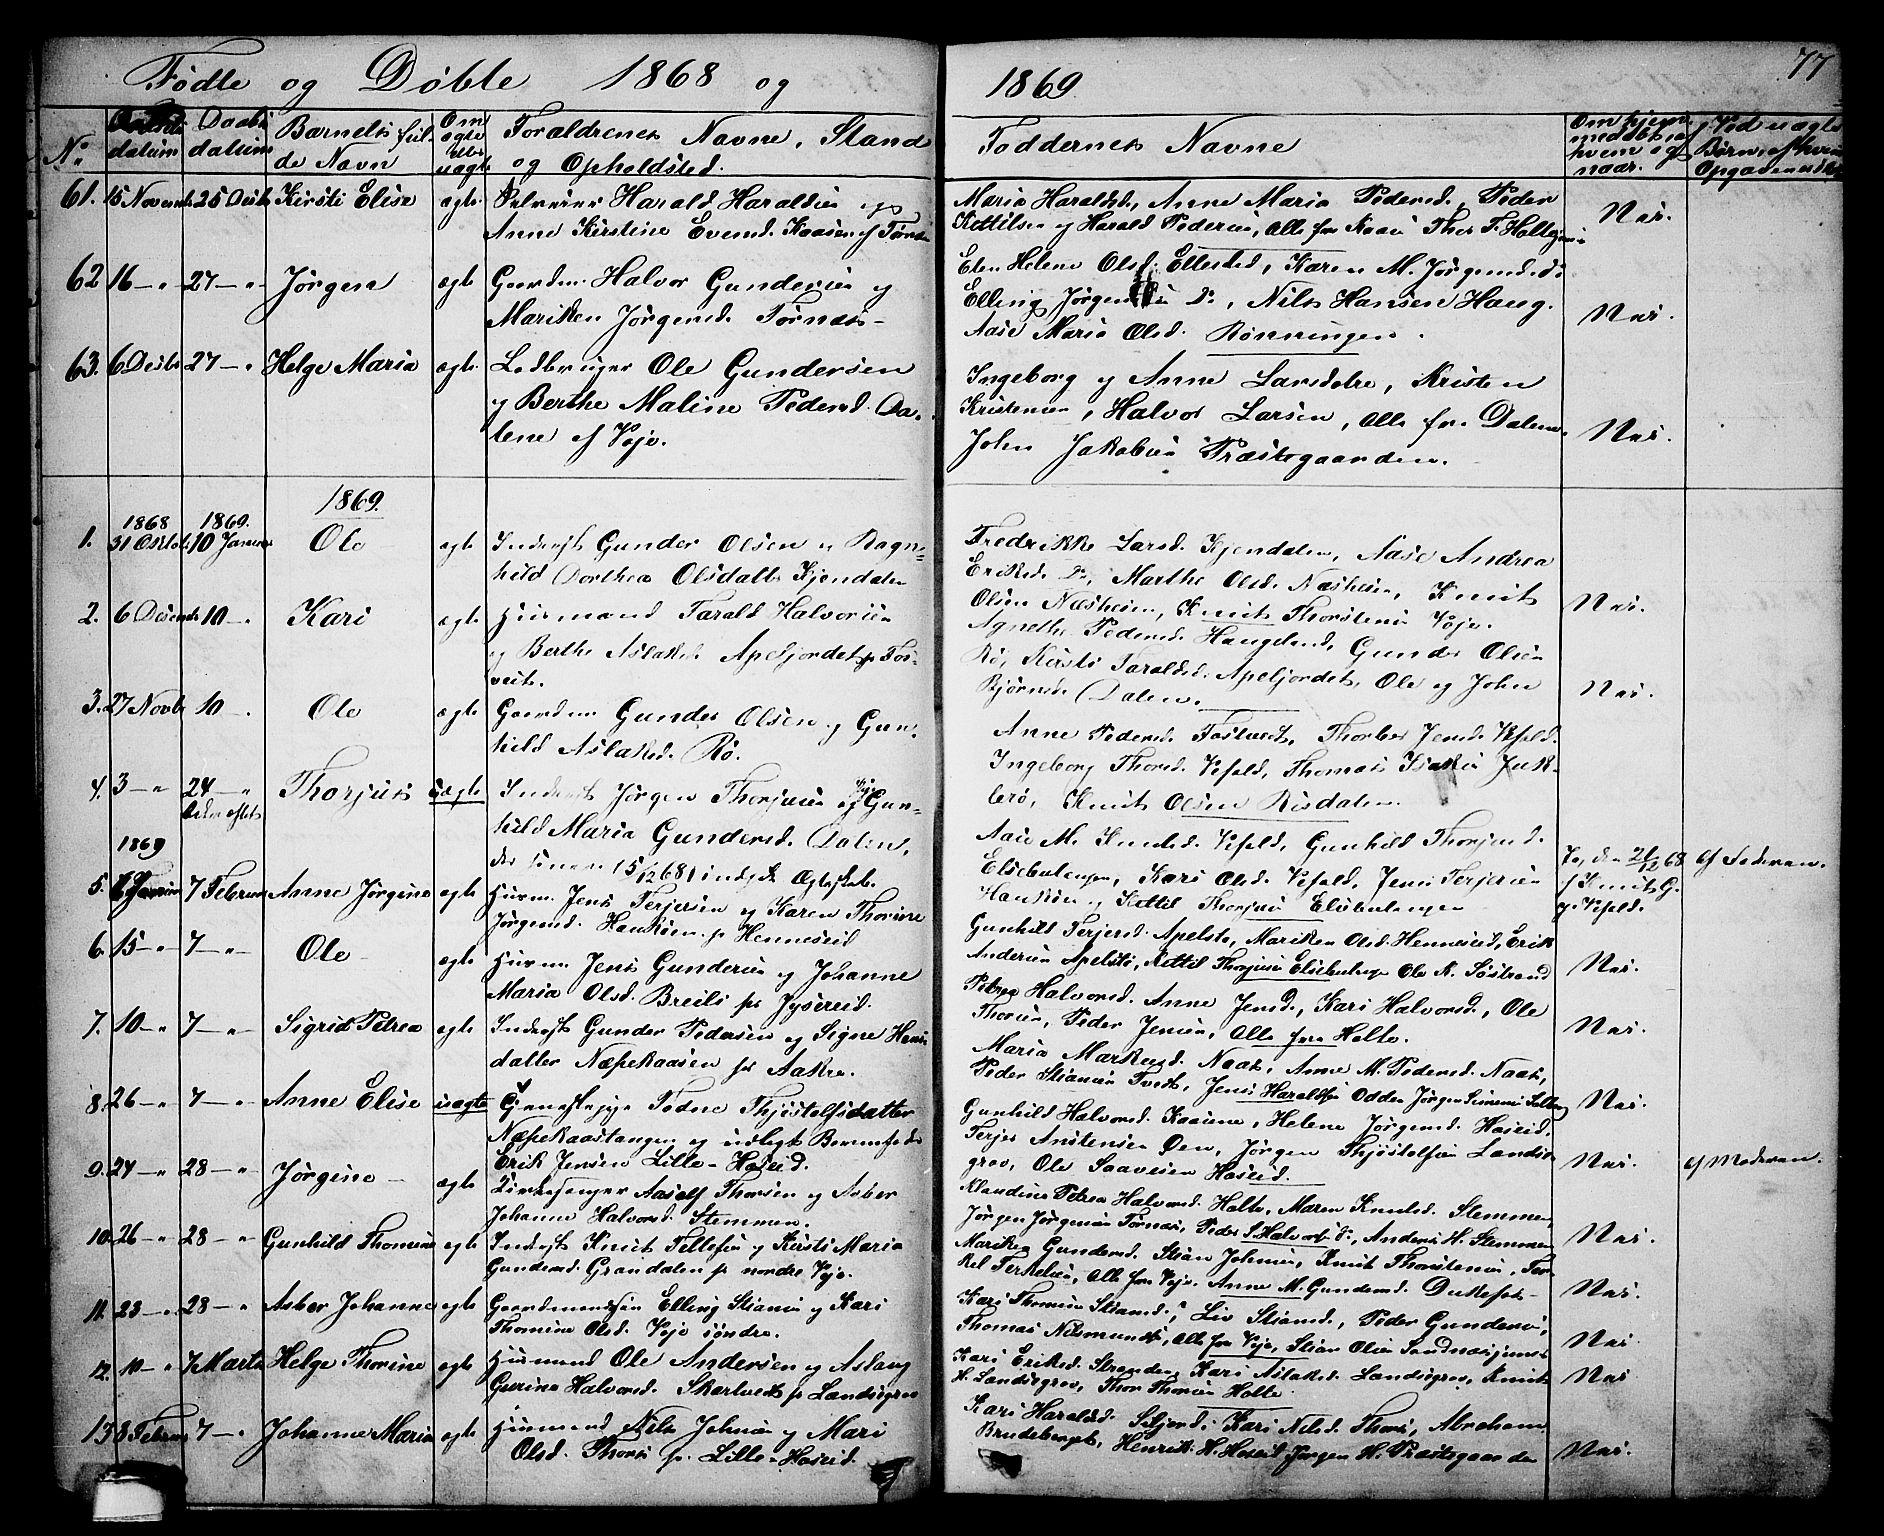 SAKO, Drangedal kirkebøker, G/Ga/L0002: Klokkerbok nr. I 2, 1856-1887, s. 77